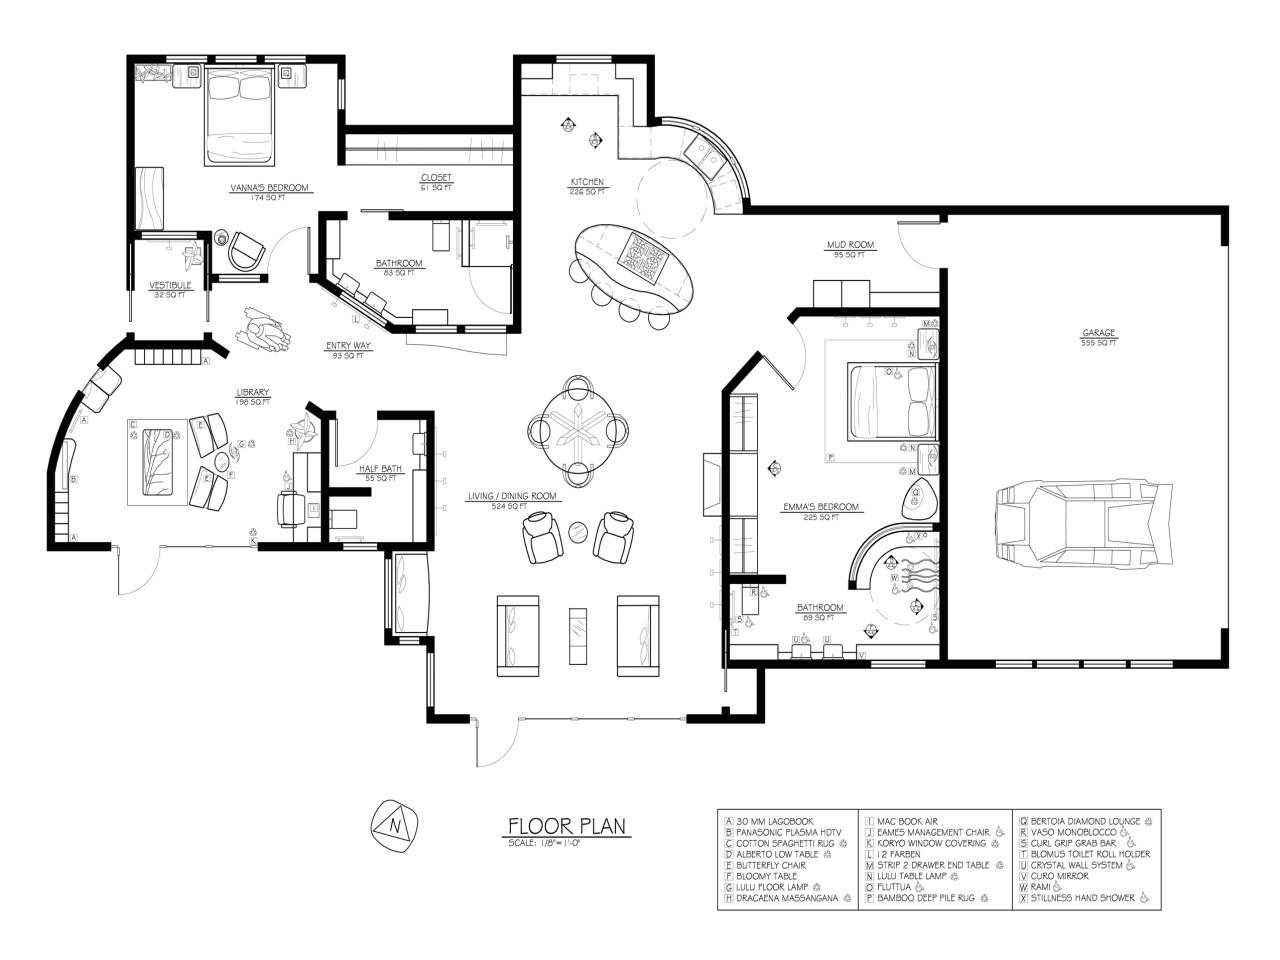 1a5b97efe89ba18d passive solar house floor plan small passive solar homes